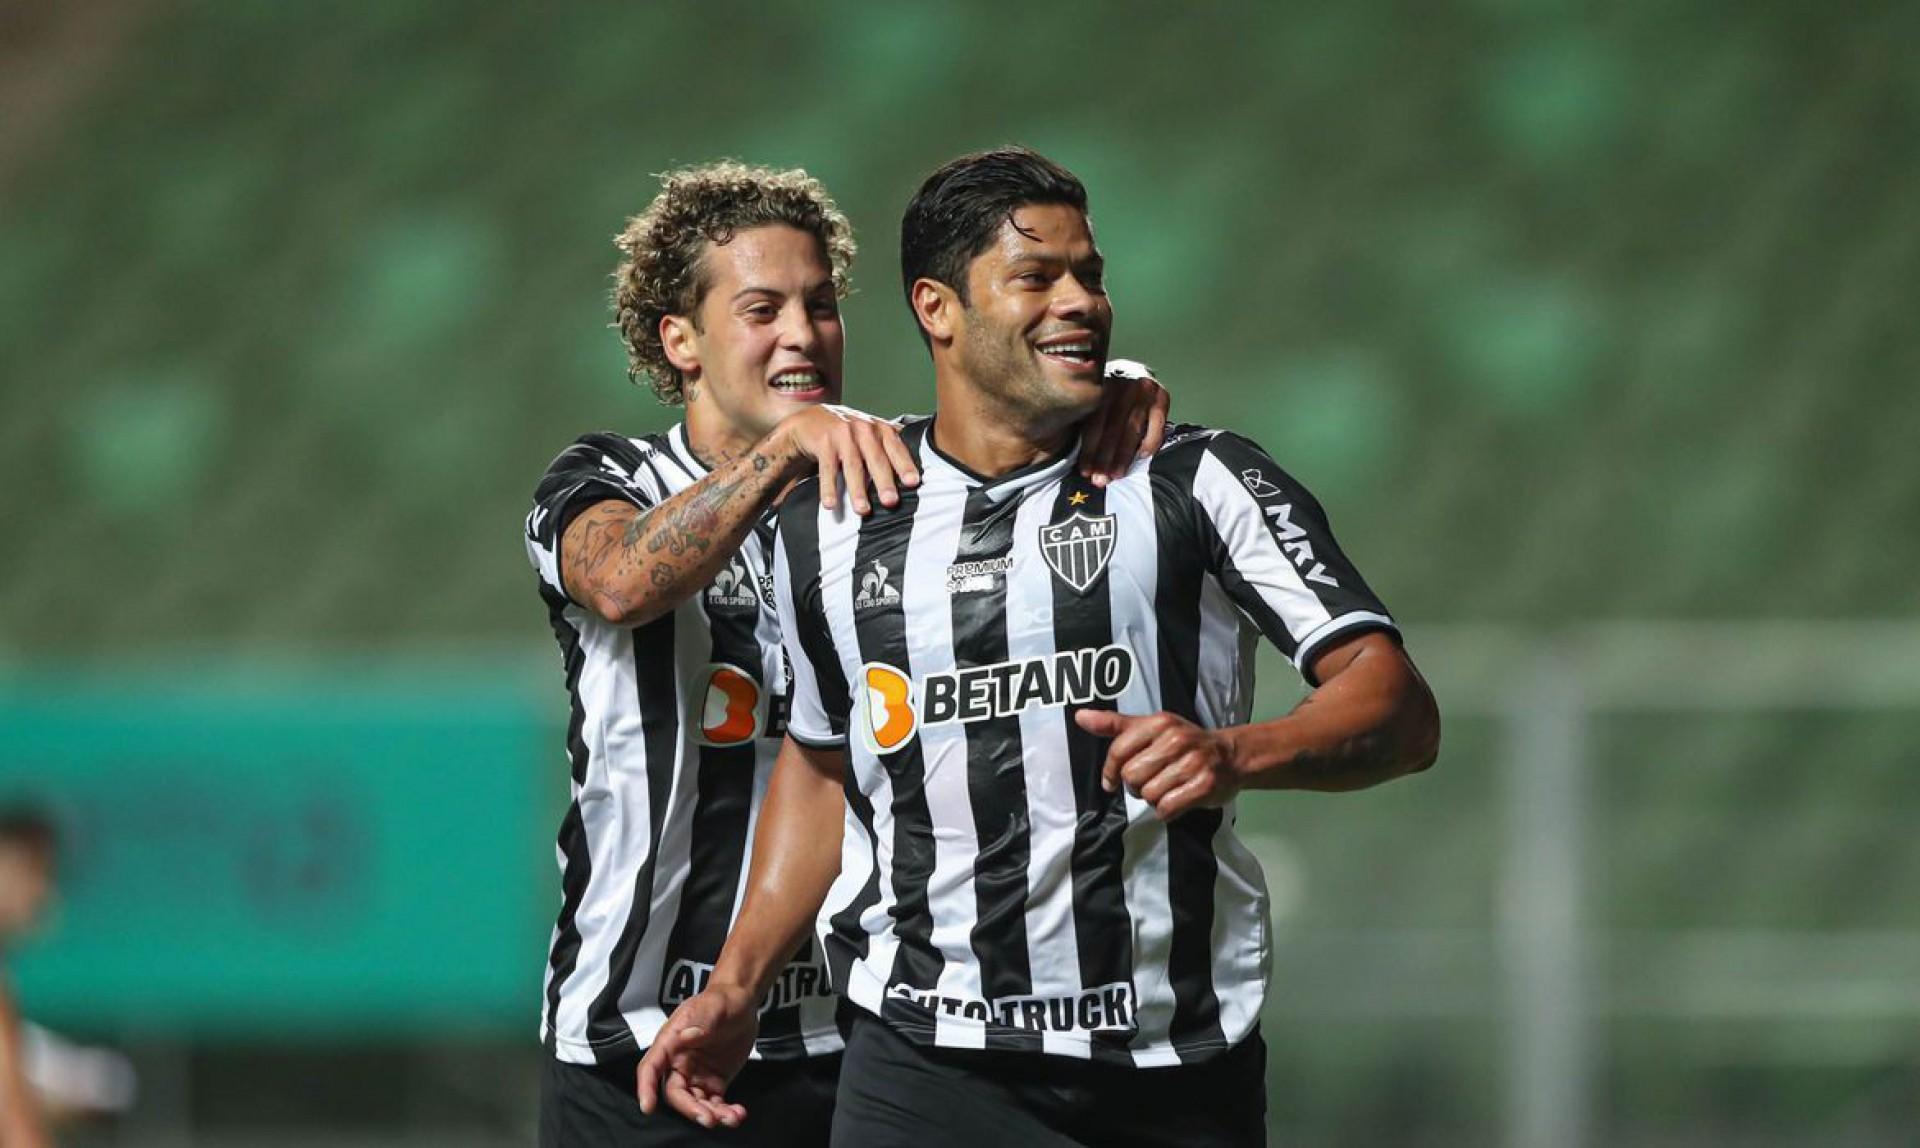 Atletico Mg X La Guaira Ao Vivo Onde Assistir A Transmissao Ao Vivo Futebol Esportes O Povo